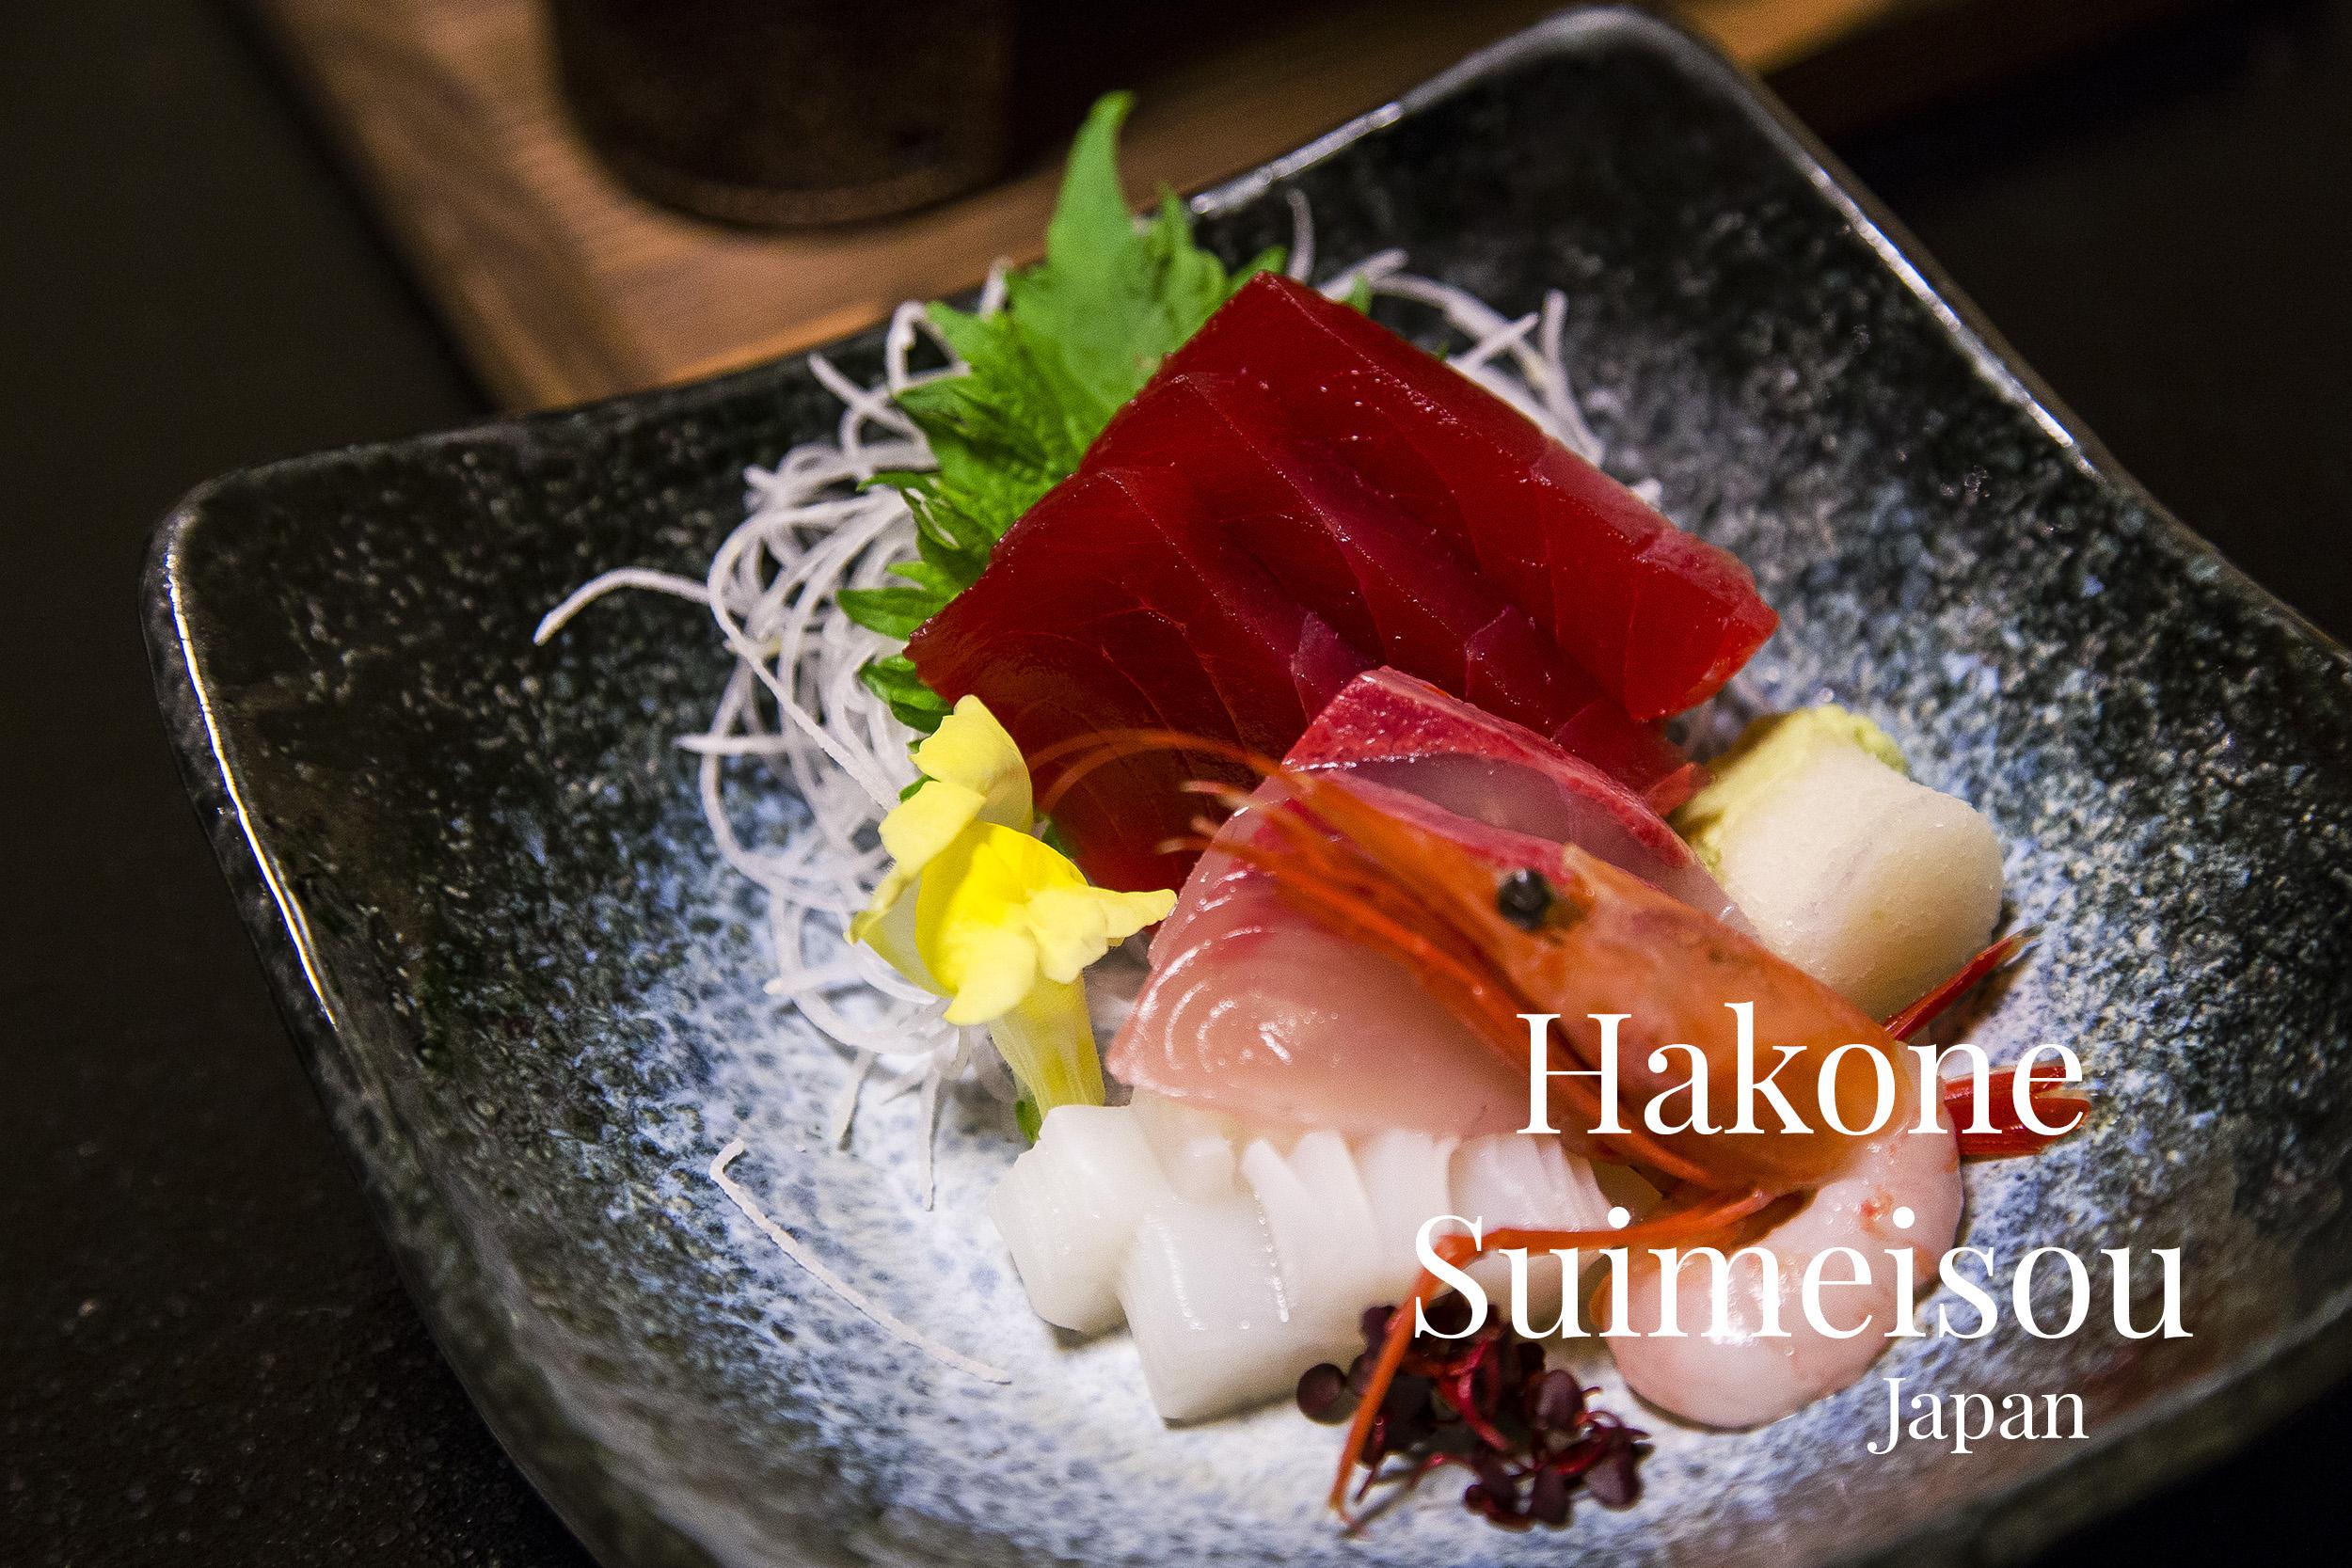 Hakone Suimeisou Japan